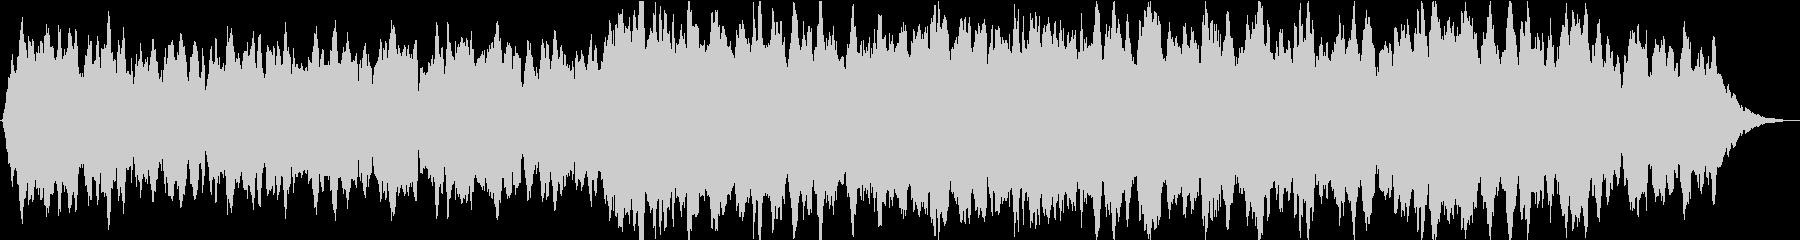 ドローン シンプルドローン01の未再生の波形